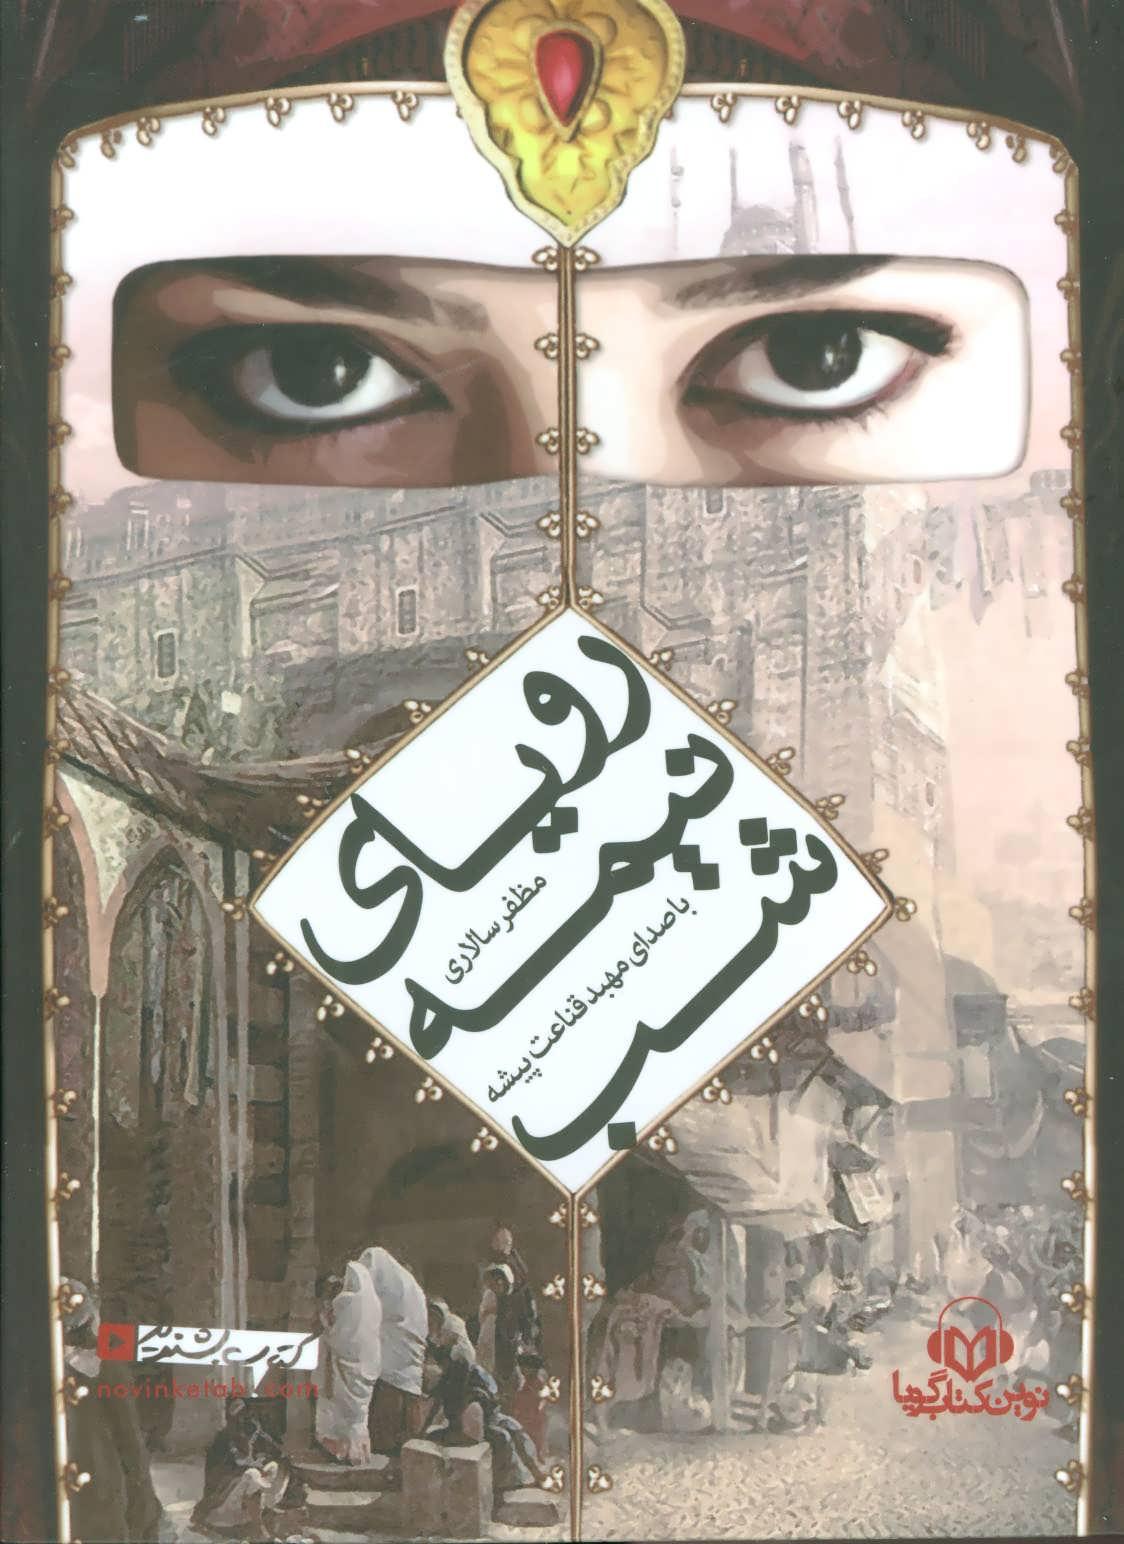 کتاب سخنگو رویای نیمه شب (صوتی)،(باقاب)